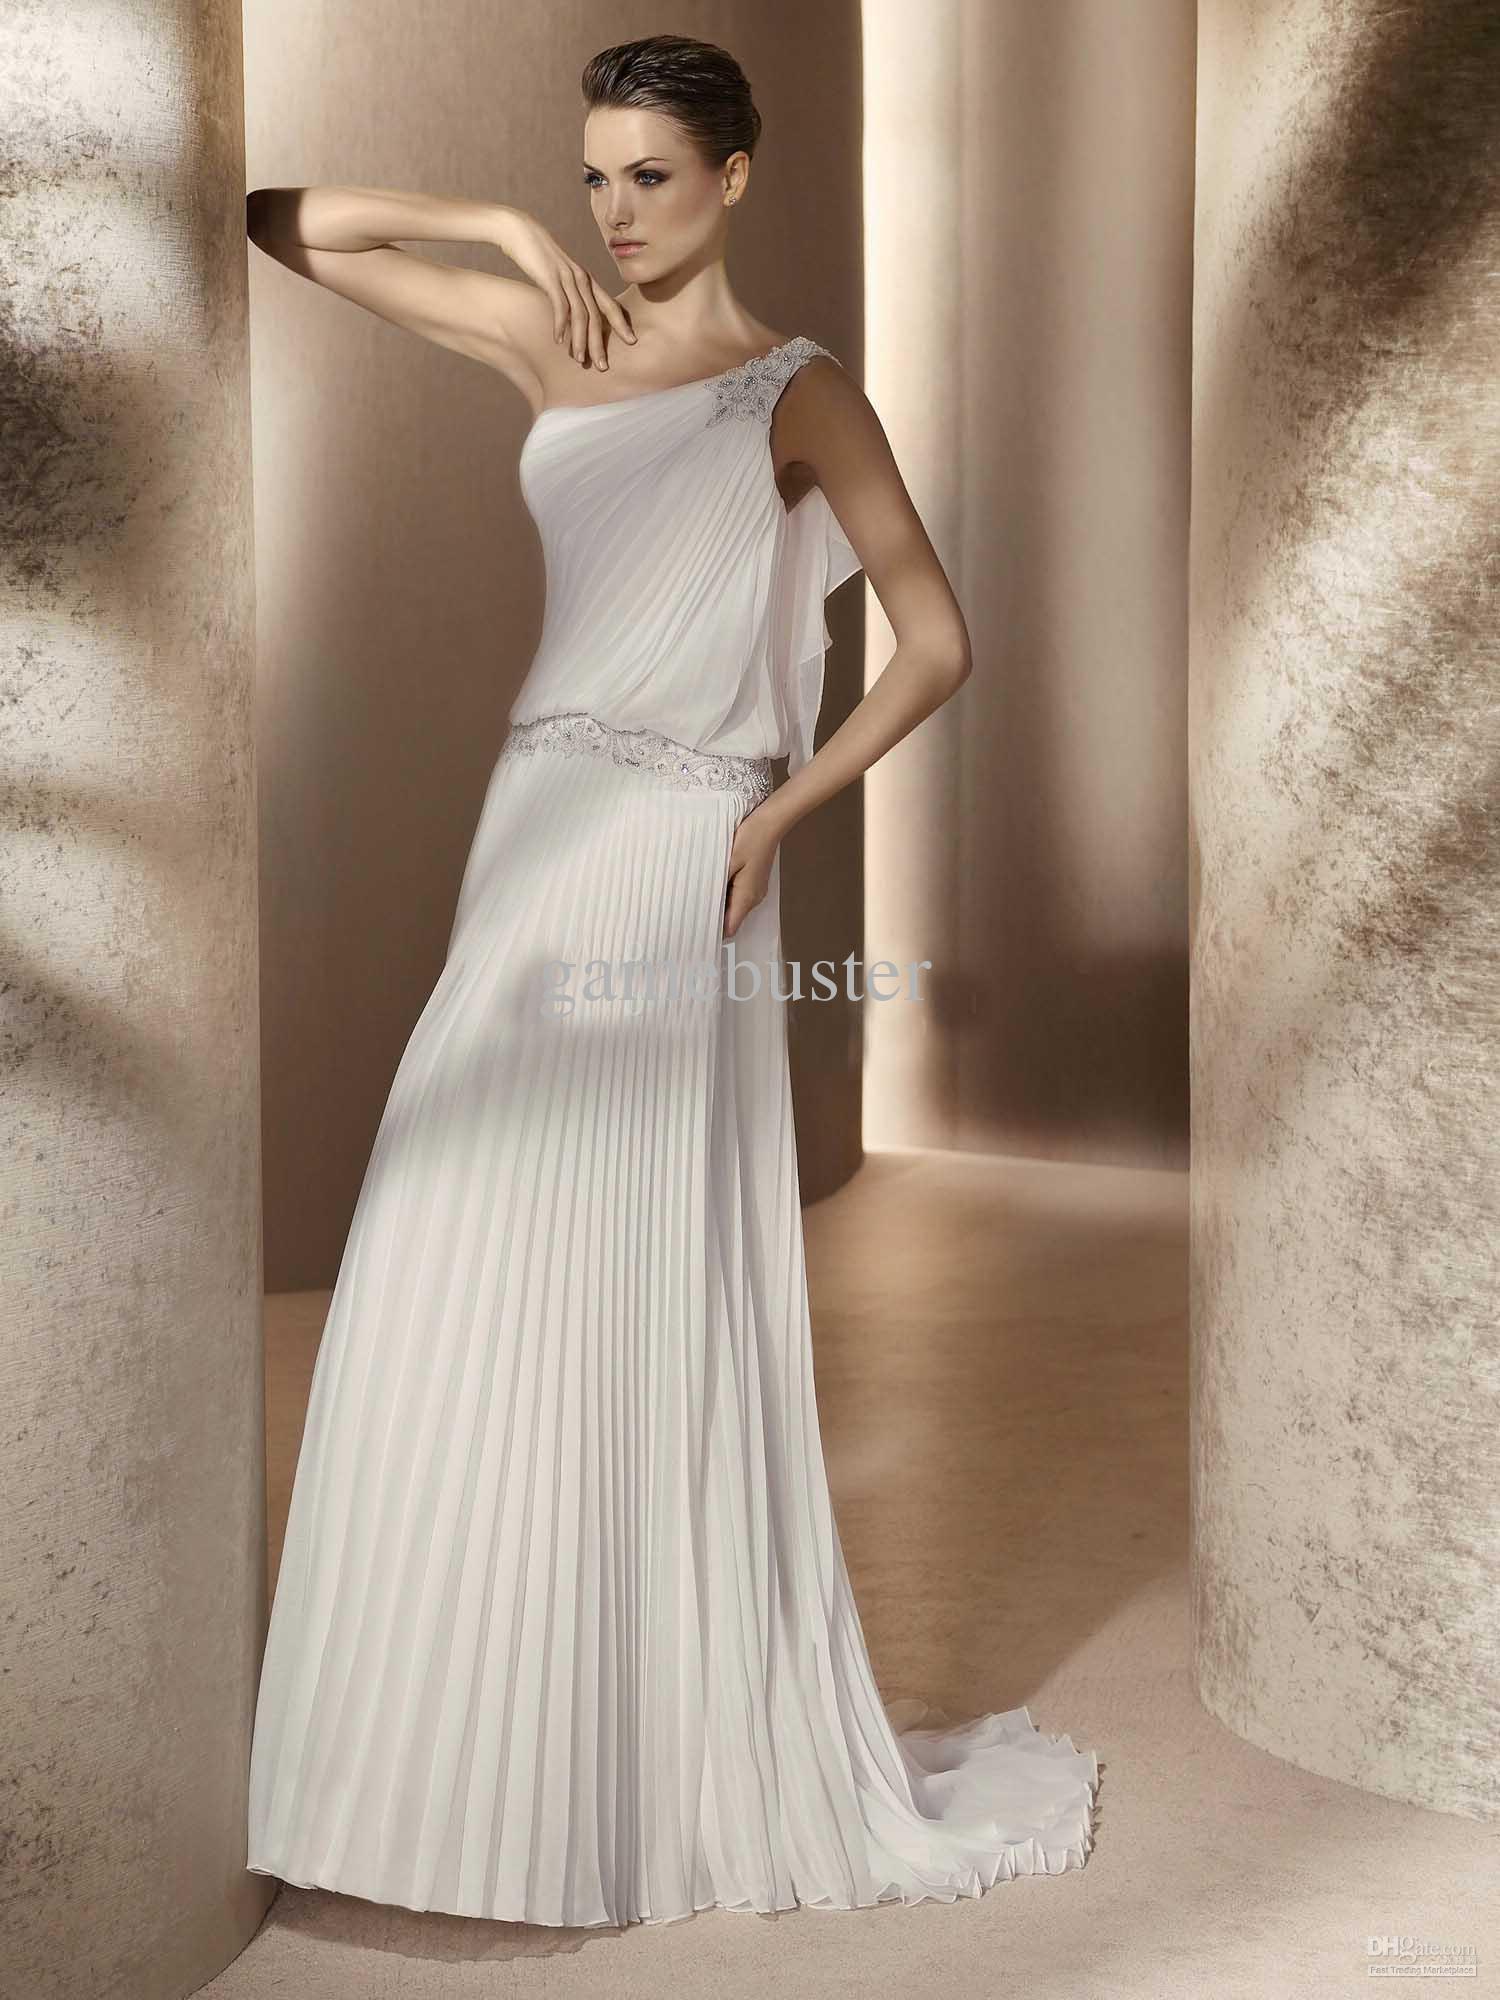 Greek Wedding Dresses Viewing Gallery